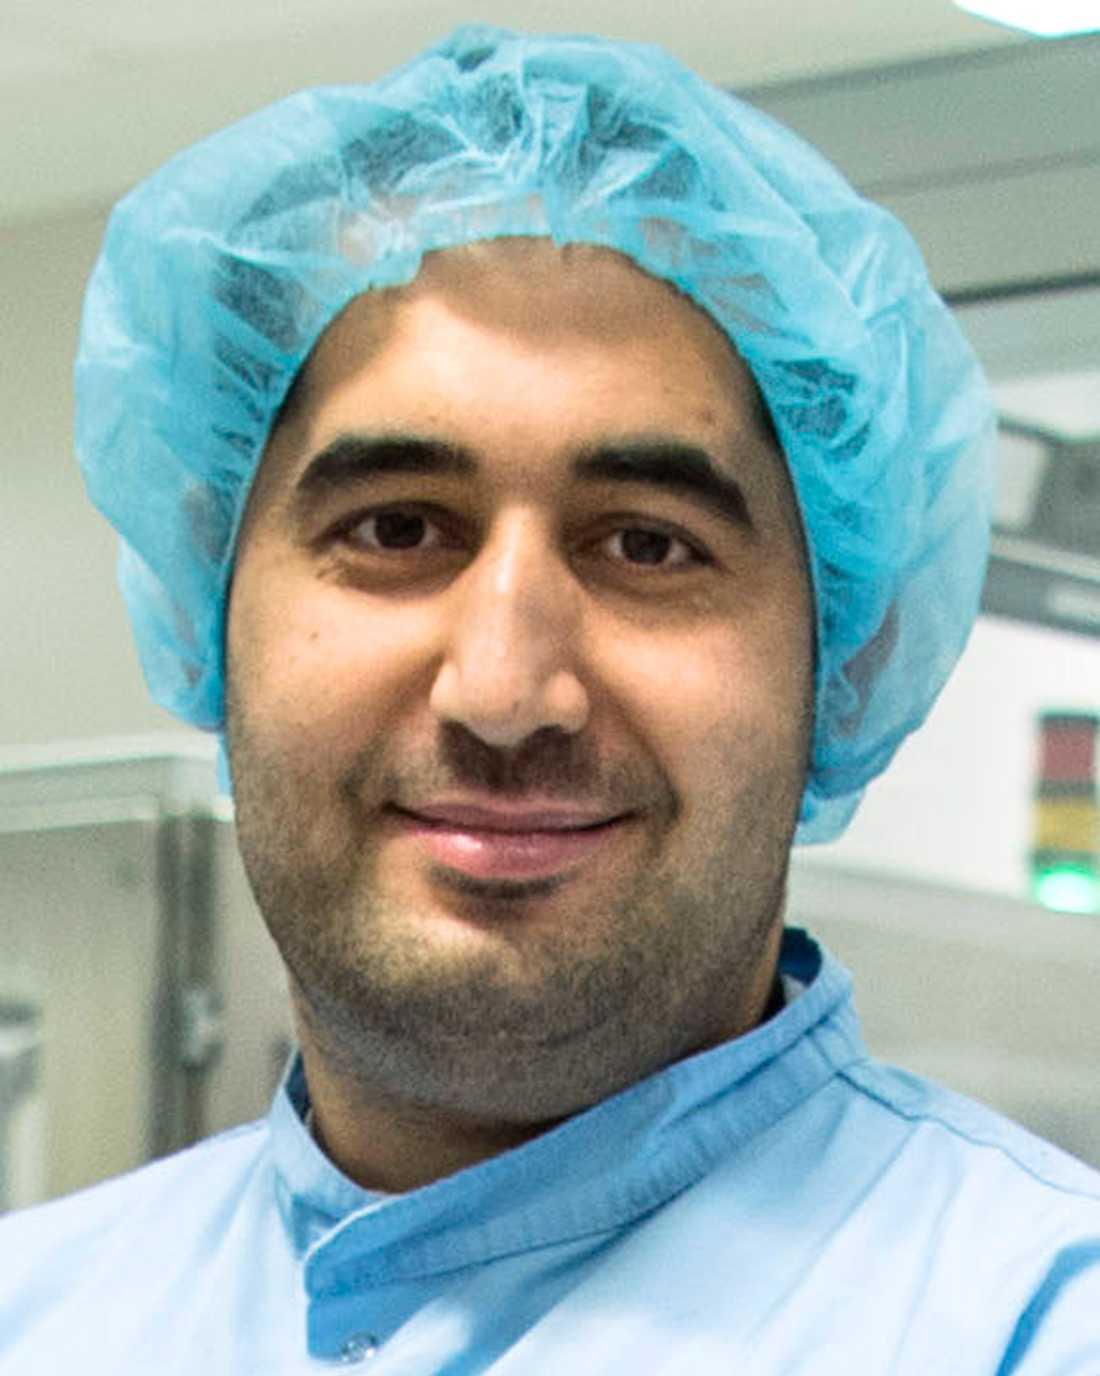 Fares Youssef kollapsade på jobbet och hjärtat slutade slå. Men kollegerna rusade till hjälp och räddade hans liv. – Jag är otroligt tacksam, säger han.